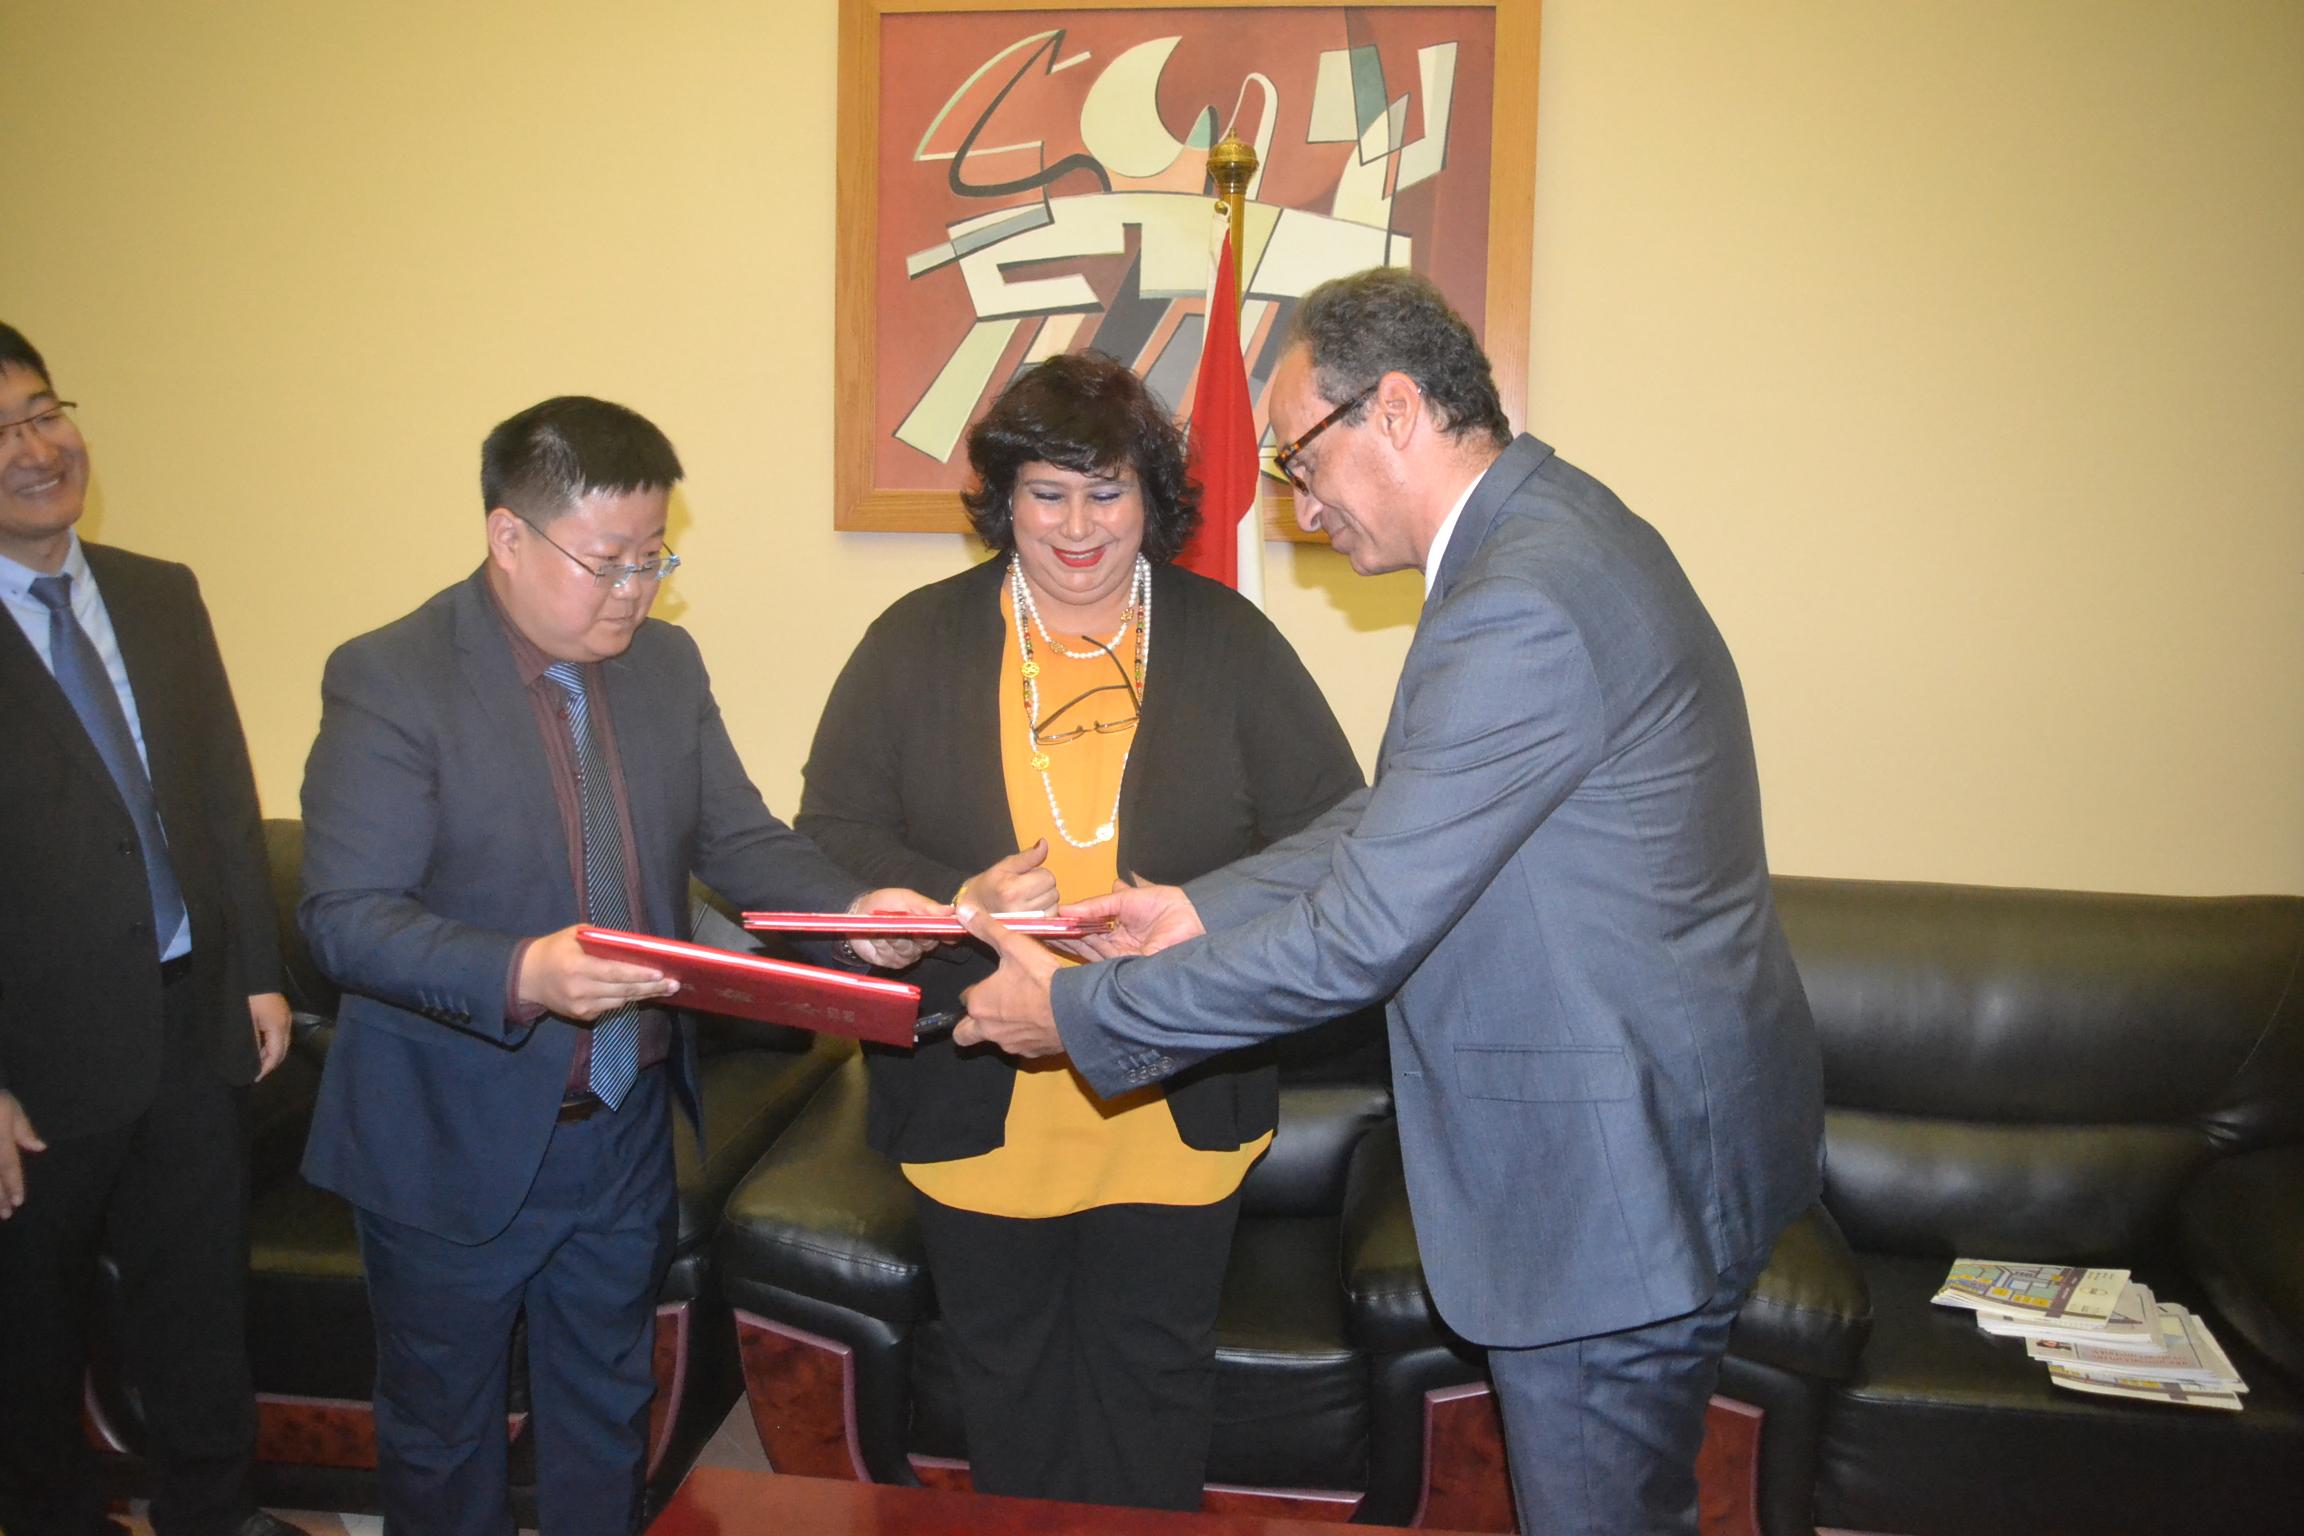 بالتعاون مع مؤسسة بيت الحكمة اتفاقية لنشر 5000 كتاب إلكتروني من إصدارات الهيئة في الصين 1